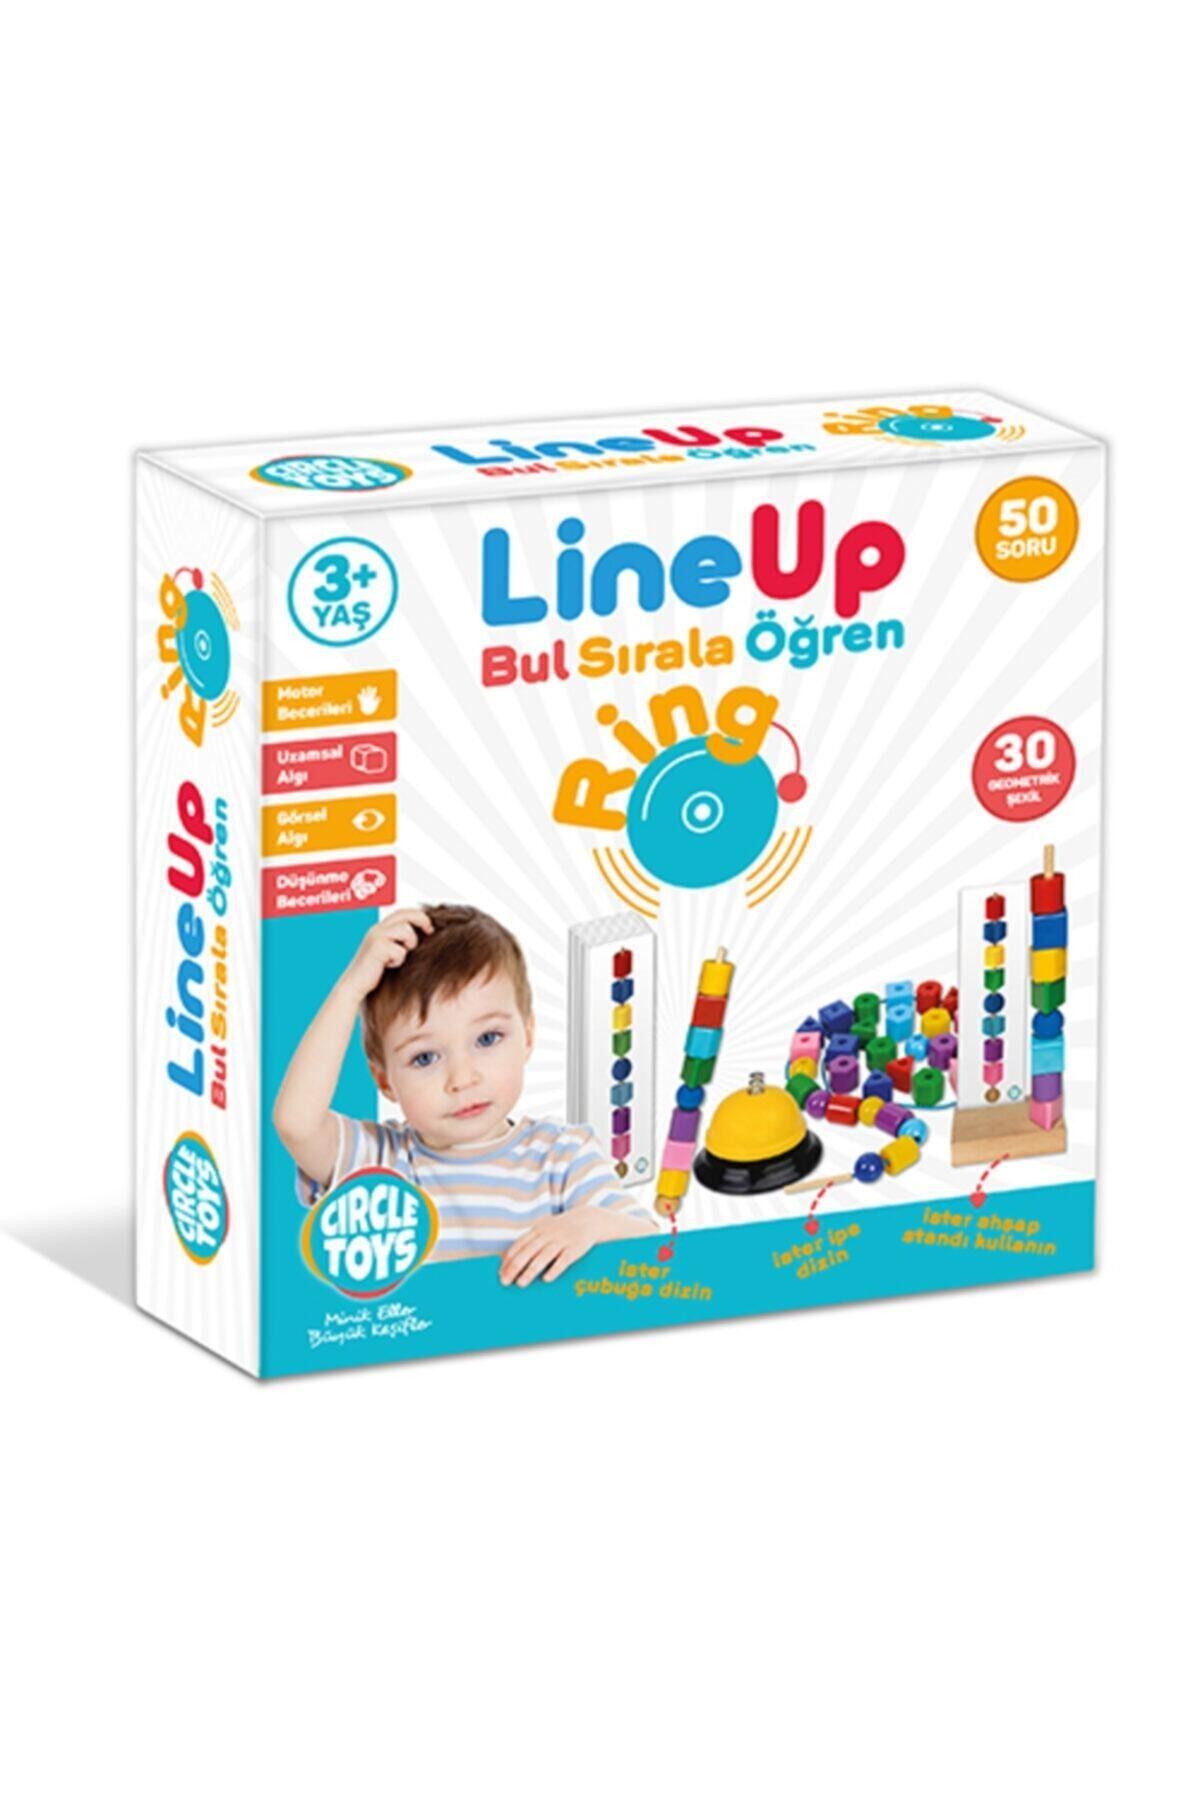 Circle Toys Line Up Ring - Bul Sırala Öğren 50 Soru 30 Geometrik Şekil Eğitim Seti 1